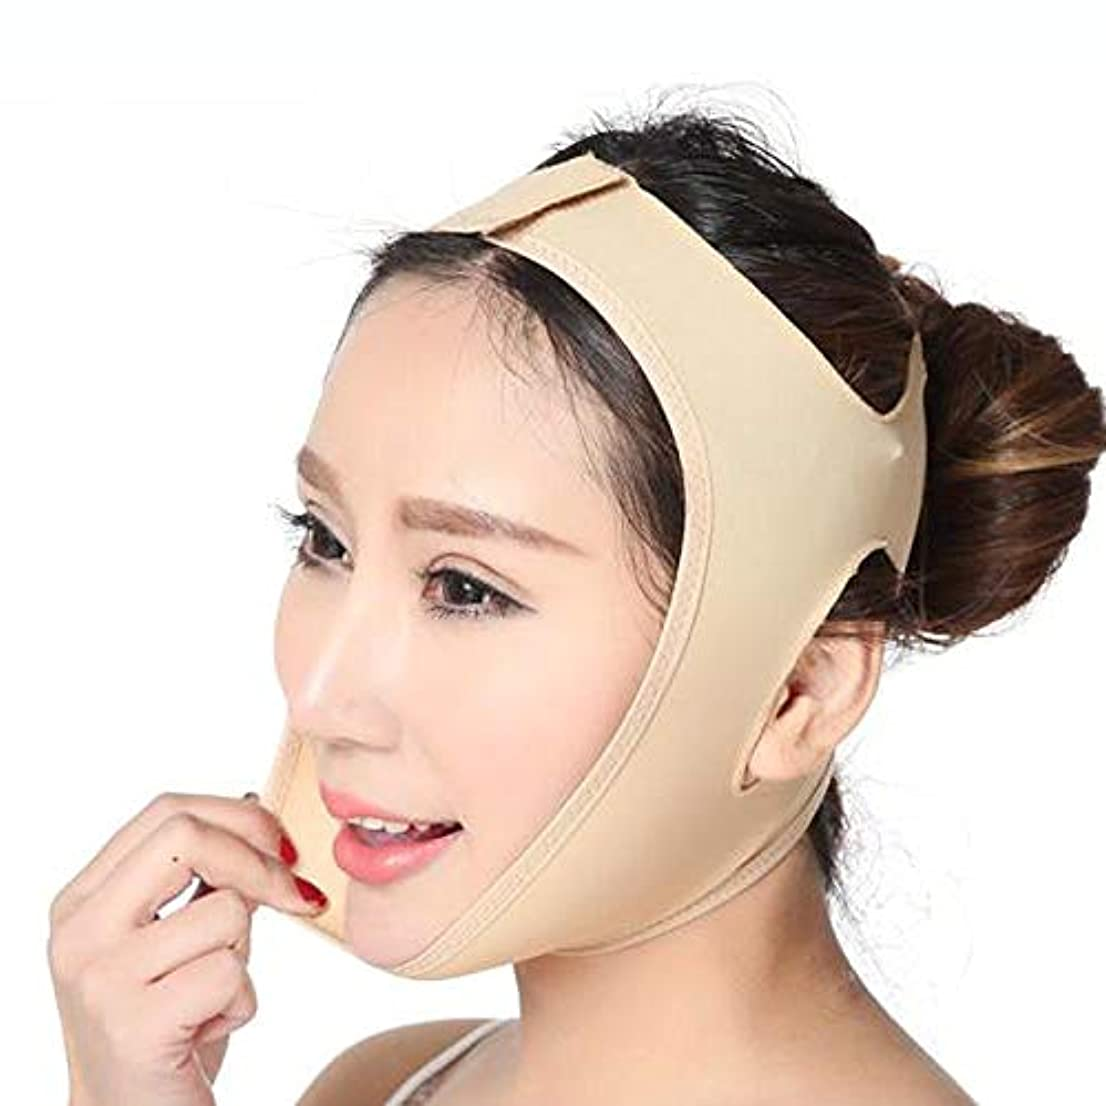 ホイール衝撃実り多い薄い顔ベルト、超薄型通気性の二重あごアンチリンクルリフティングフェイシャルマスクファーミングフェイスVフェイス手術シェーピングベルト (Color : A)